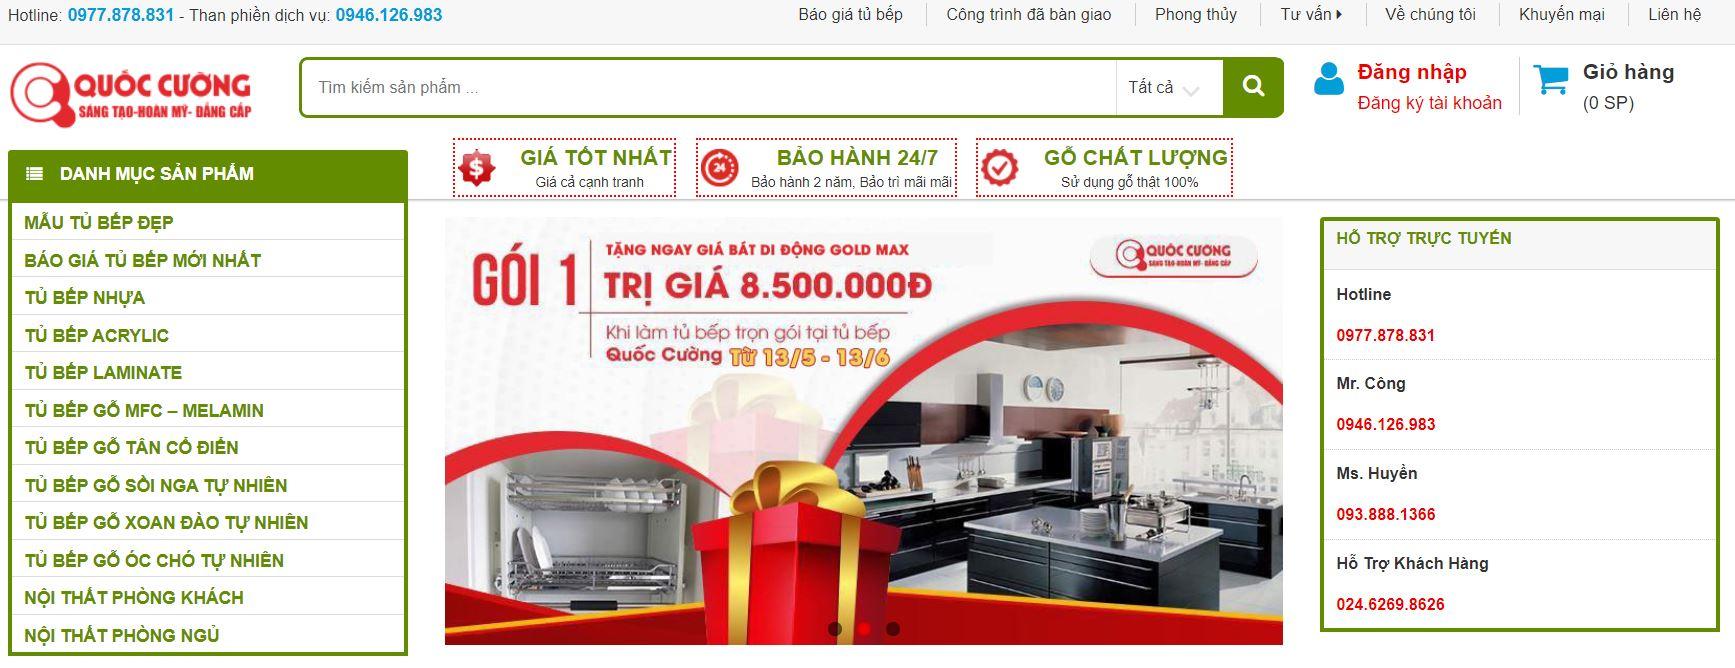 Tủ bếp Hà Nội